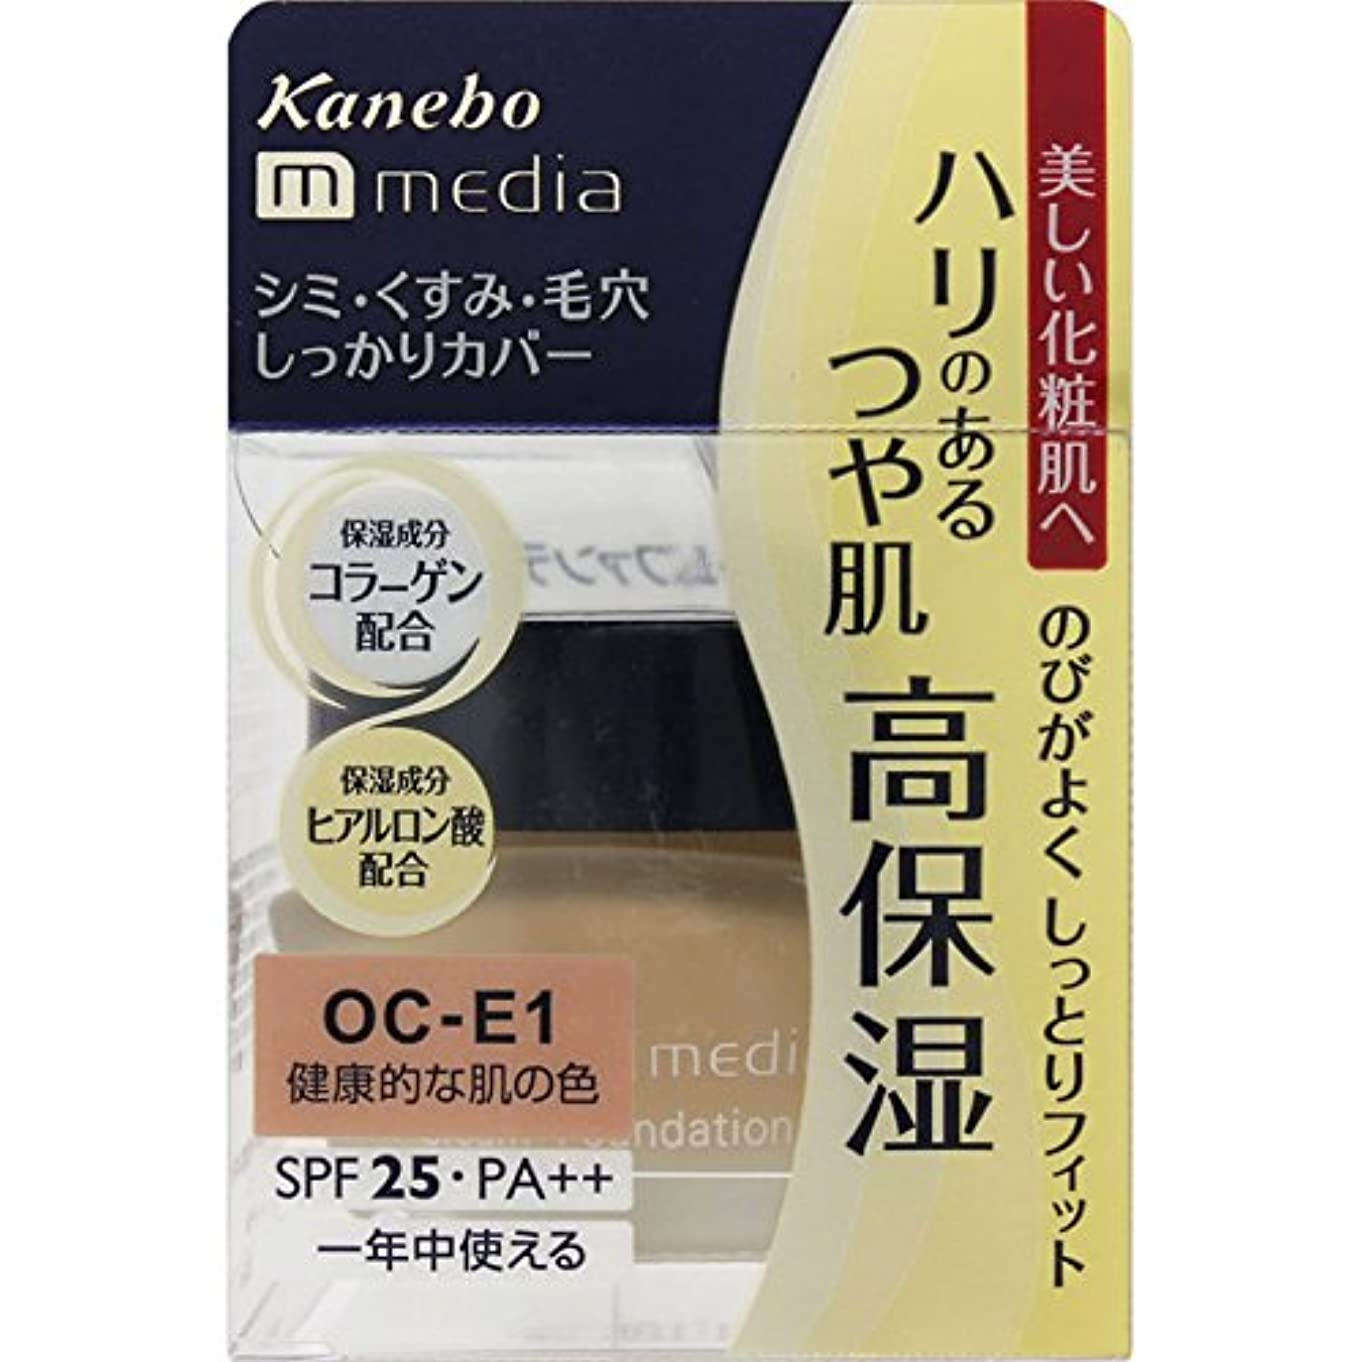 微生物クレア配分カネボウ media(メディア) クリームファンデーション OC-E1(健康的な肌の色)